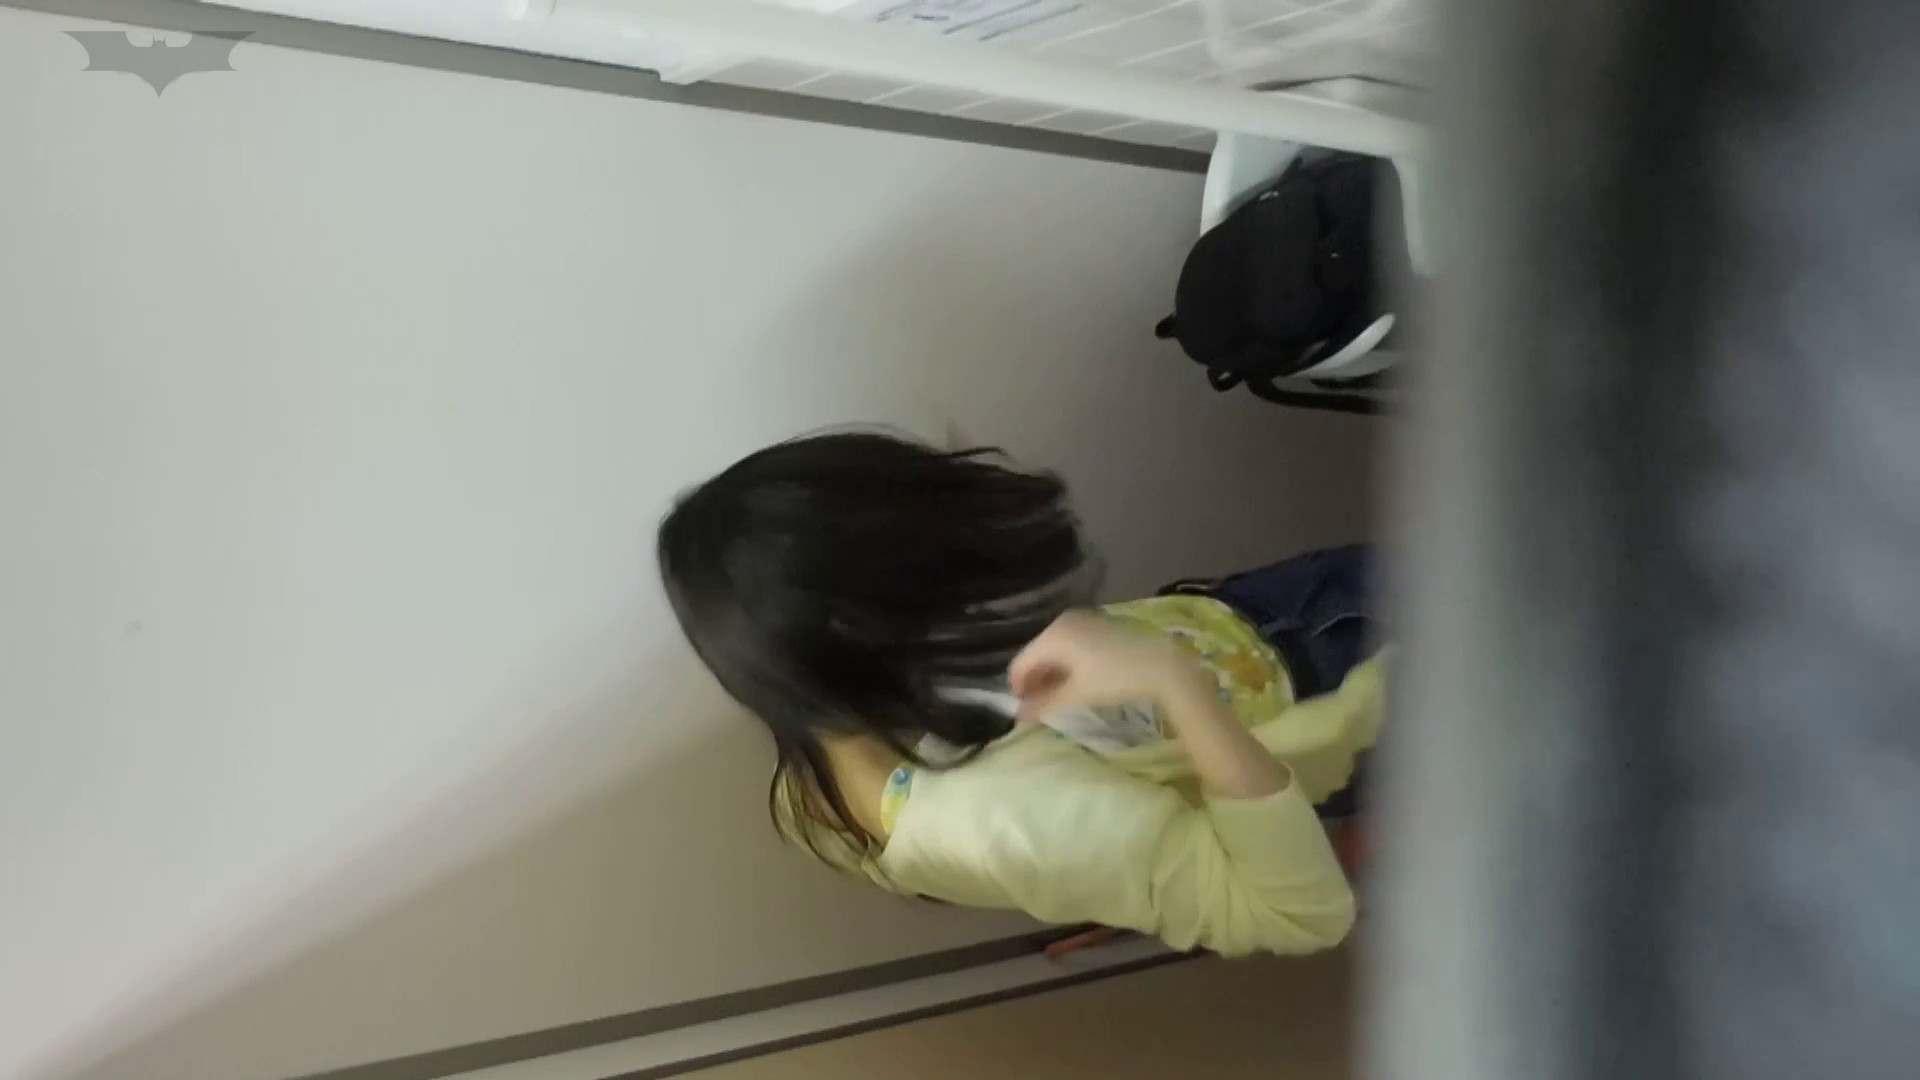 化粧室絵巻 駅舎編 VOL.20 今回は・・・ファッ!! エッチすぎるOL達 | 0  64連発 47